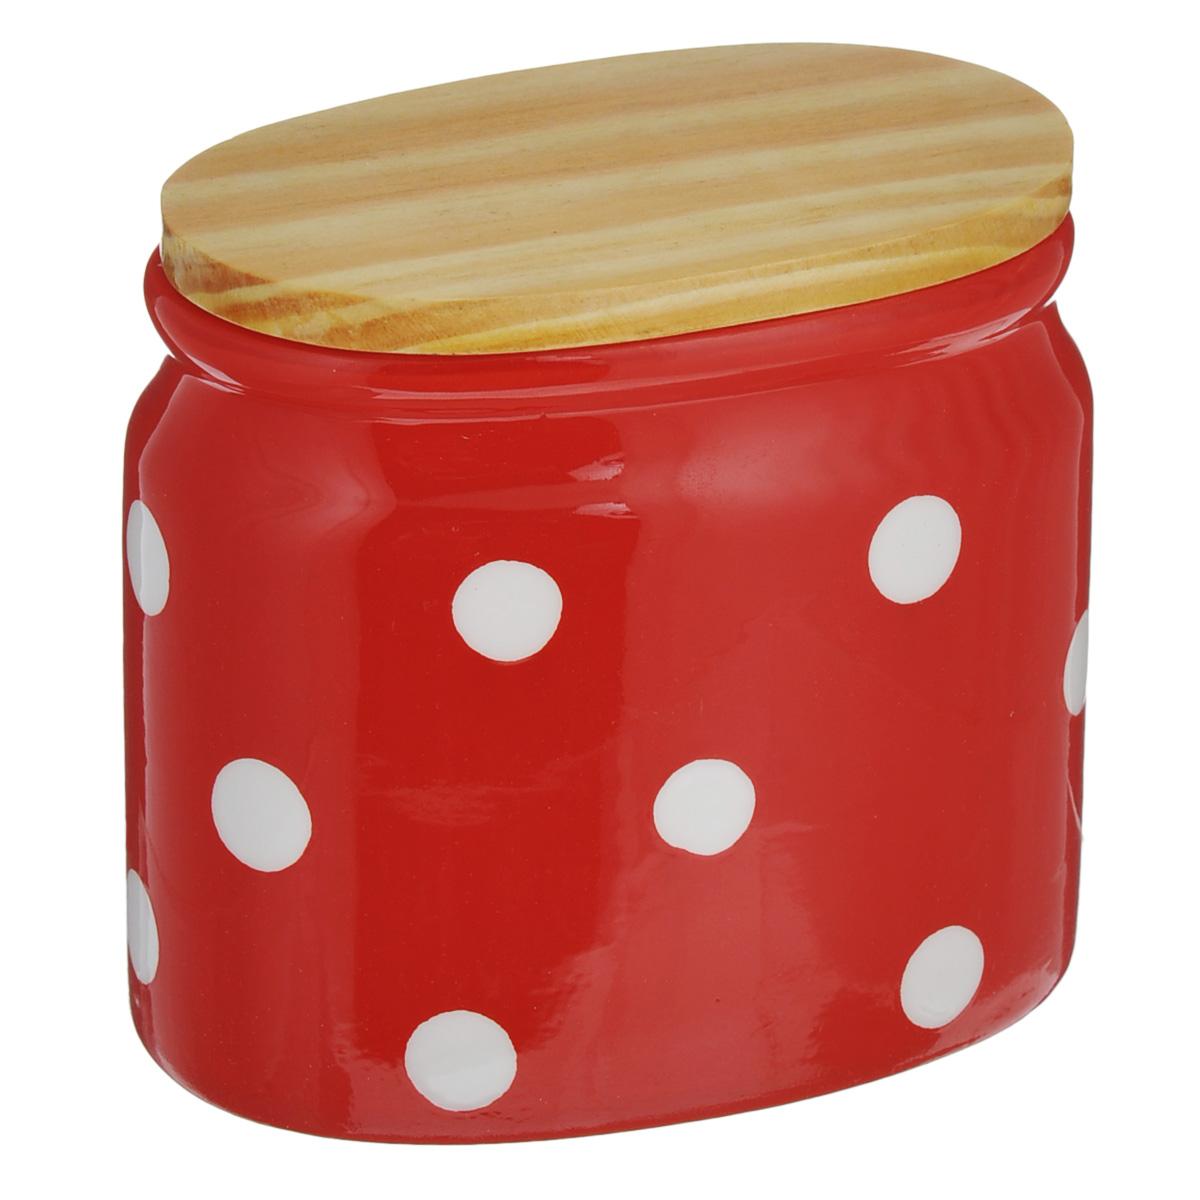 Банка для сыпучих продуктов Lillo, цвет: красный, 430 млYM 8735Банка для сыпучих продуктов Lillo изготовлена из высококачественной керамики. Банка декорирована принтом в горох и оснащена деревянной крышкой. Изделие предназначено для хранения различных сыпучих продуктов: круп, чая, сахара, орехов и многого другого. Функциональная и вместительная, такая банка станет незаменимым аксессуаром на любой кухне. Можно мыть в посудомоечной машине. Деревянную крышку рекомендуется мыть вручную. Объем: 430 мл. Размер банки (по верхнему краю): 11 см х 6,5 см. Высота банки (без учета крышки): 10 см.